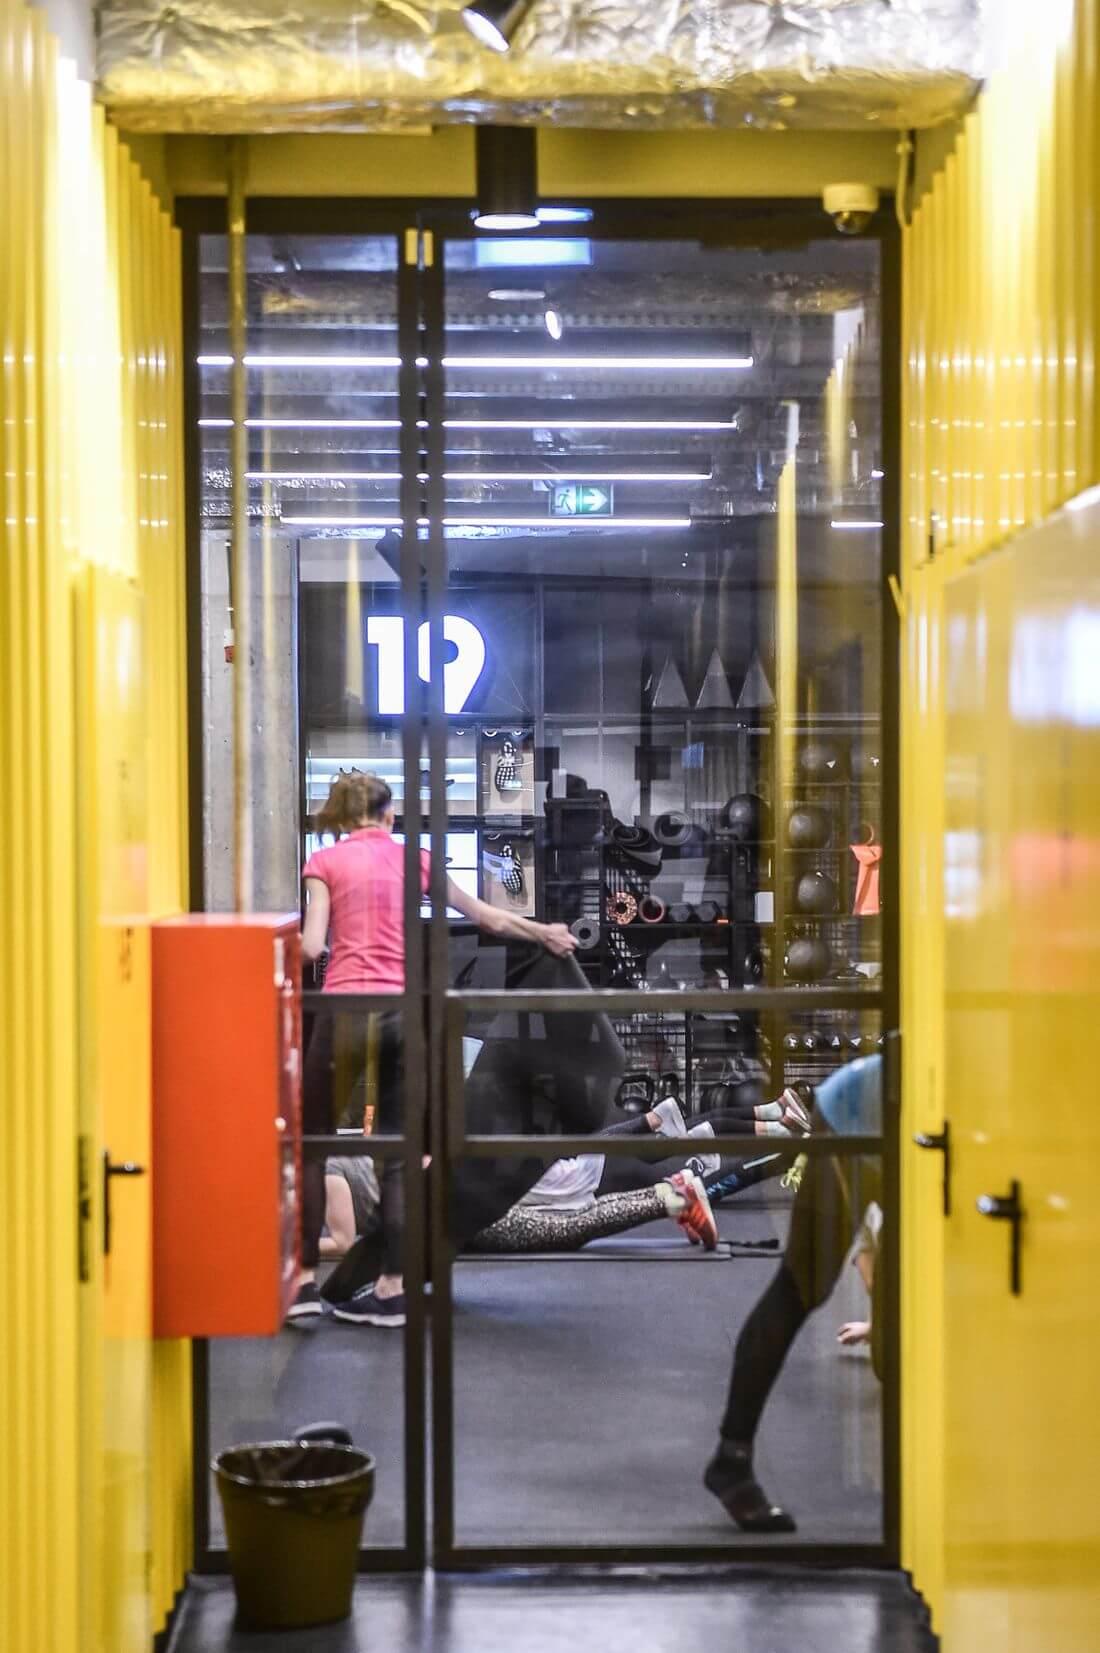 Drzwi Loftowe Czarne Metalowe Zamknięte w żółtym korytarzu w Adidas Runners Warsaw